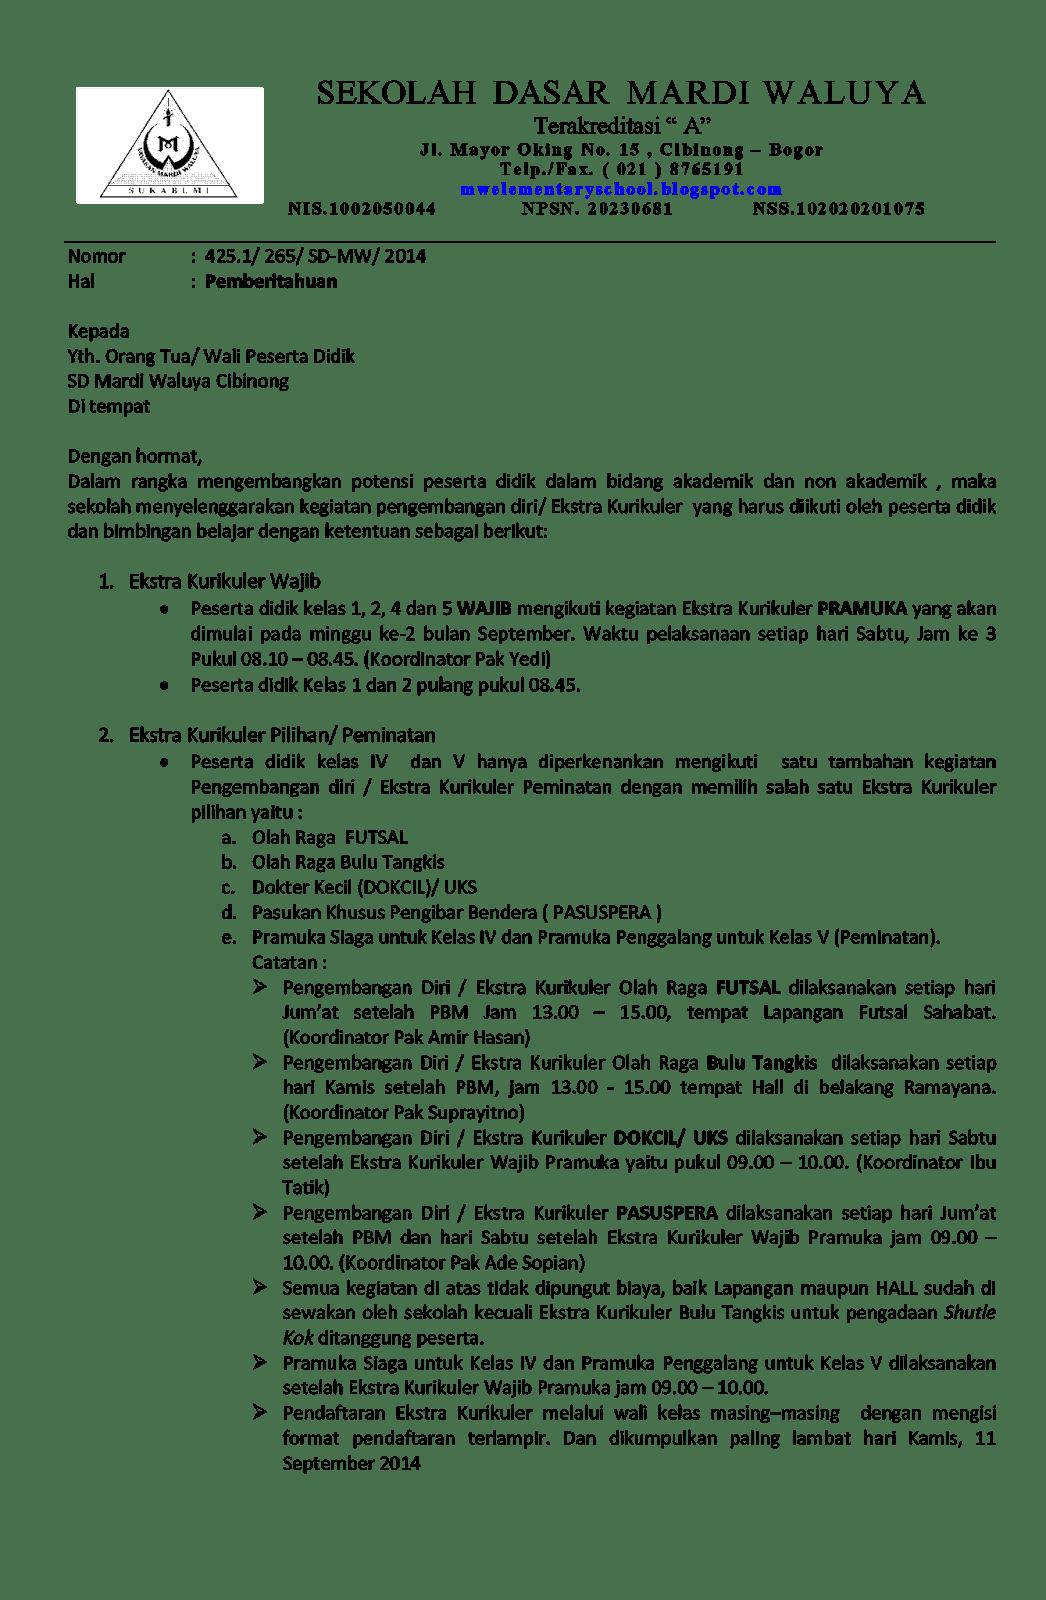 Contoh Format Surat Pemberitahuan Resmi Untuk Orangtua Murid